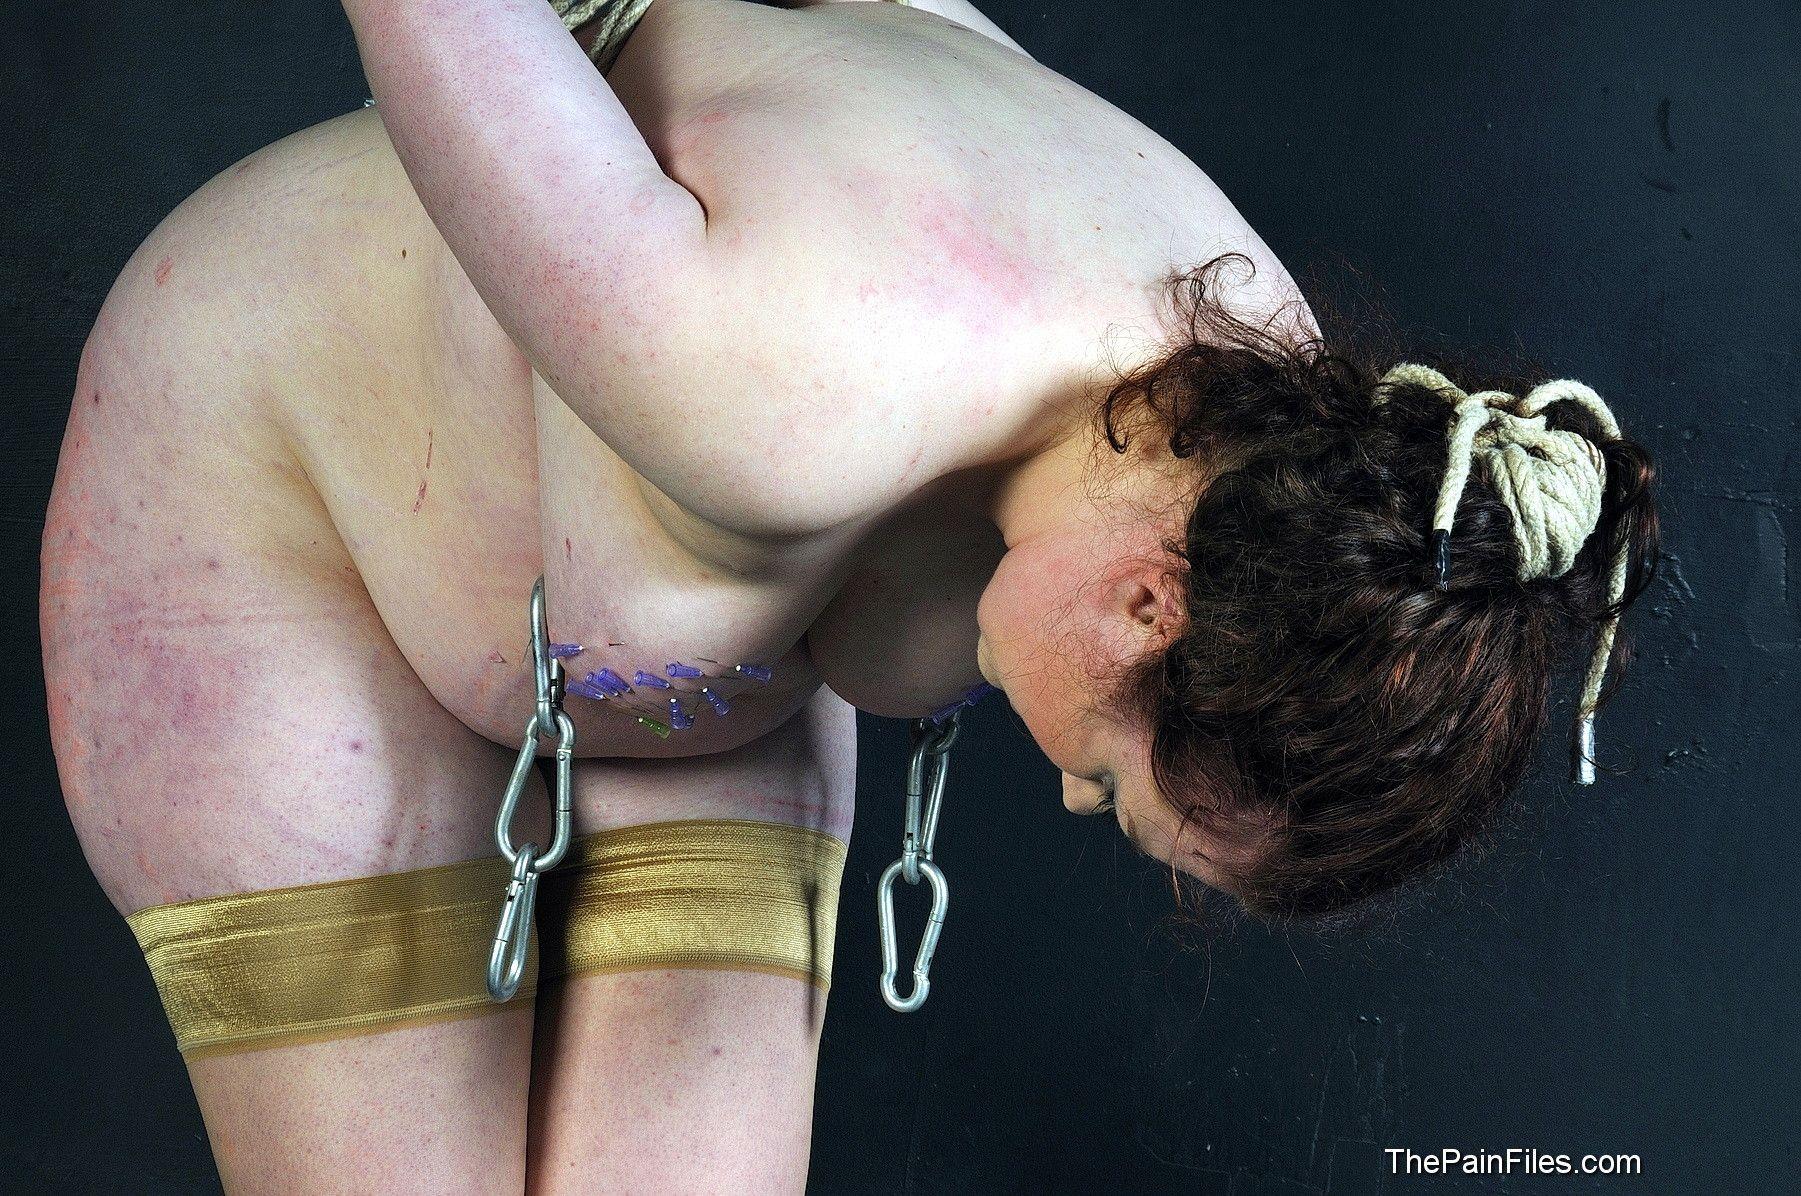 Проколотые спицей сиськи, Прокалывание спицей груди 1 xxx TV 12 фотография